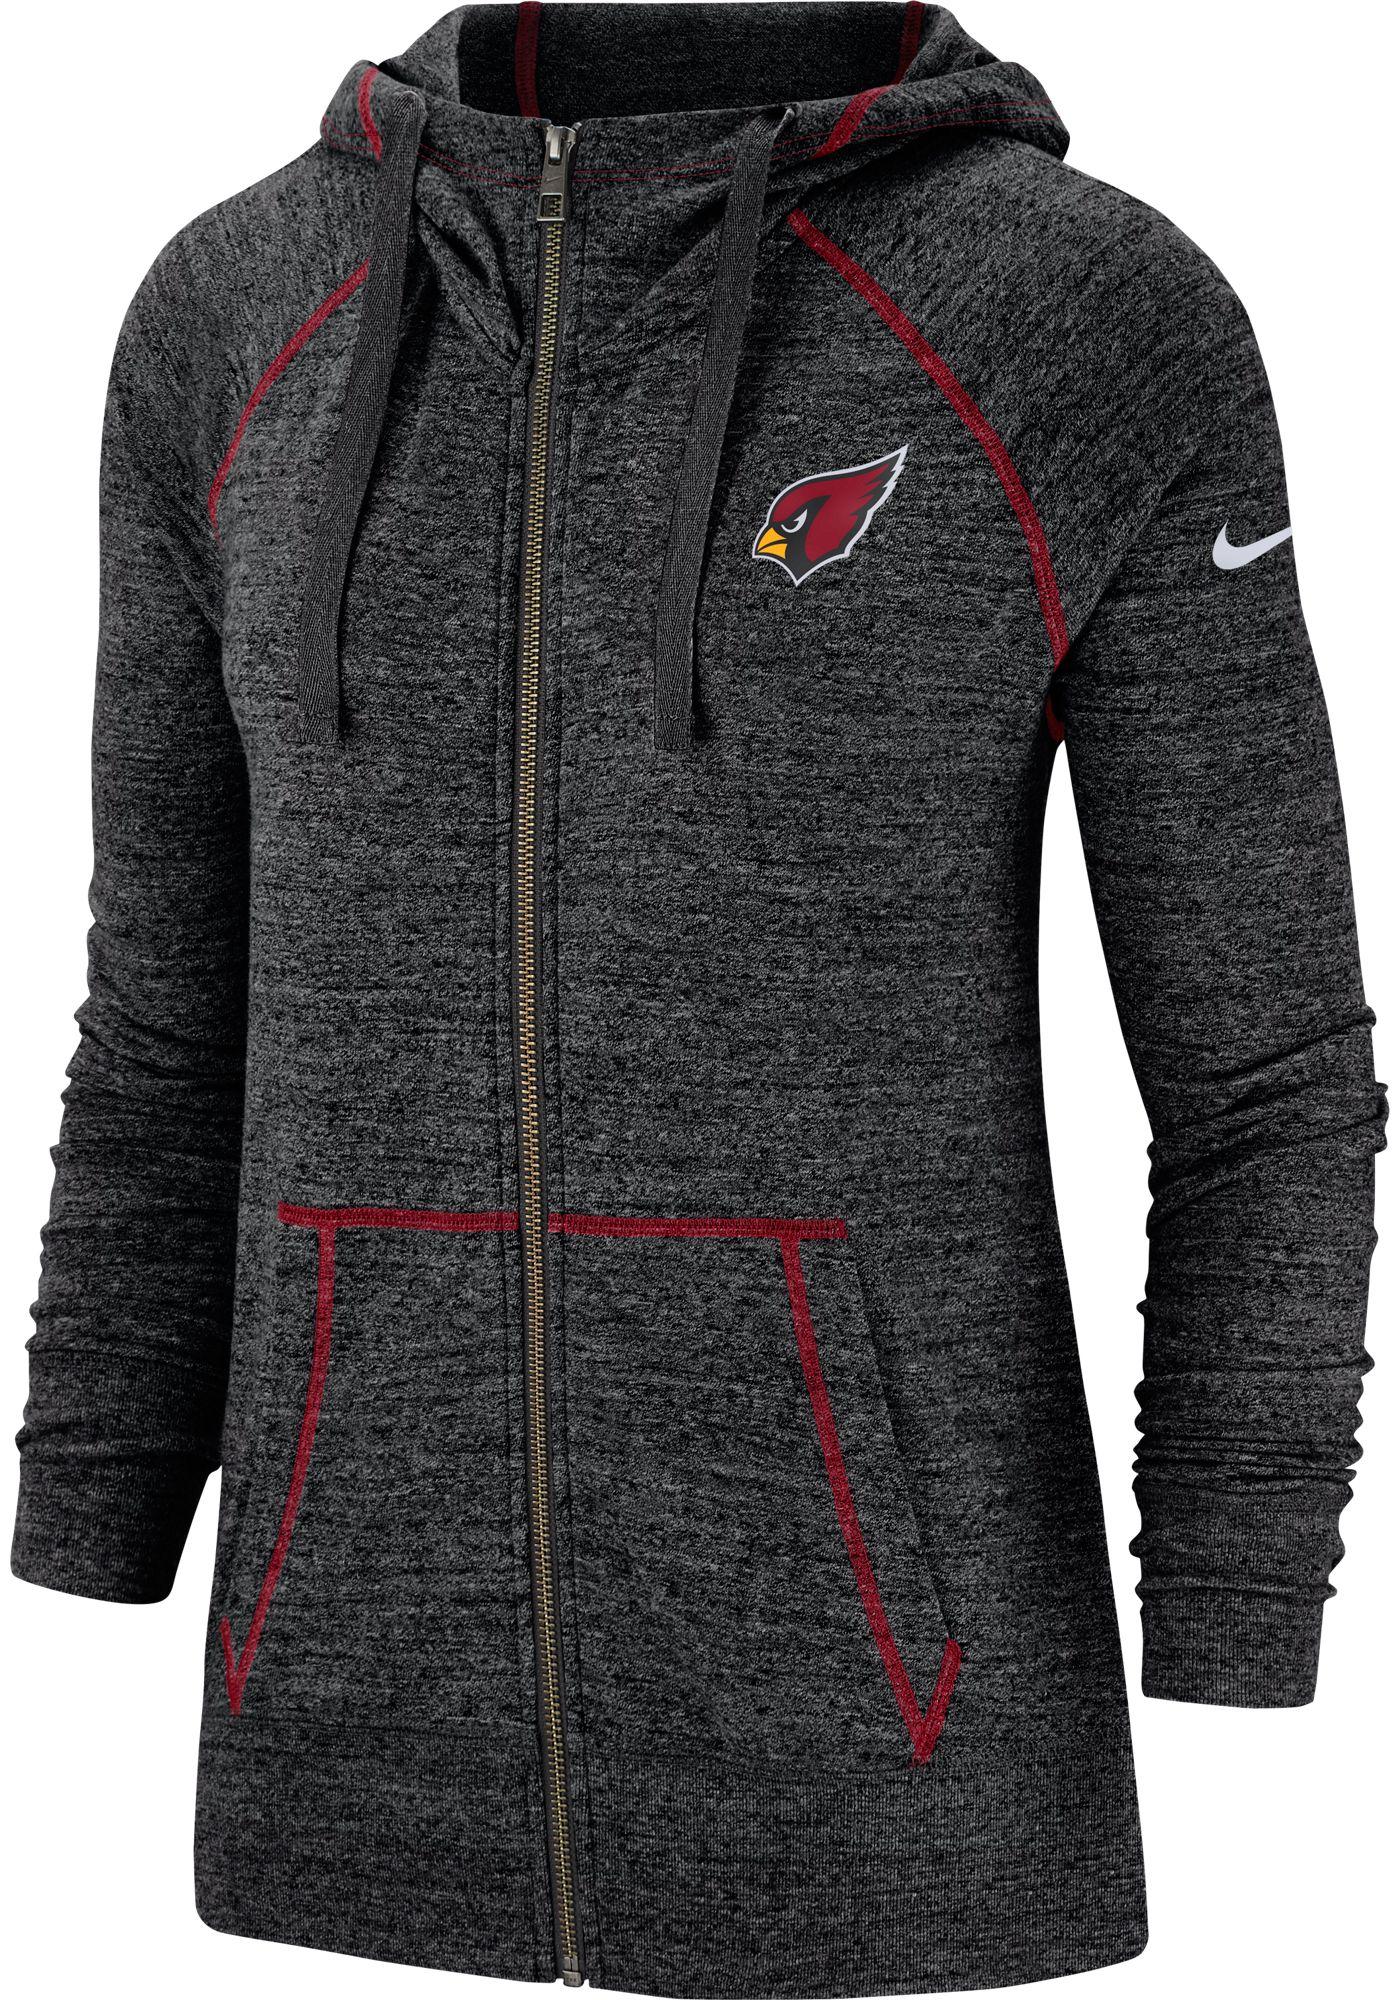 Nike Women's Arizona Cardinals Vintage Black Full-Zip Hoodie